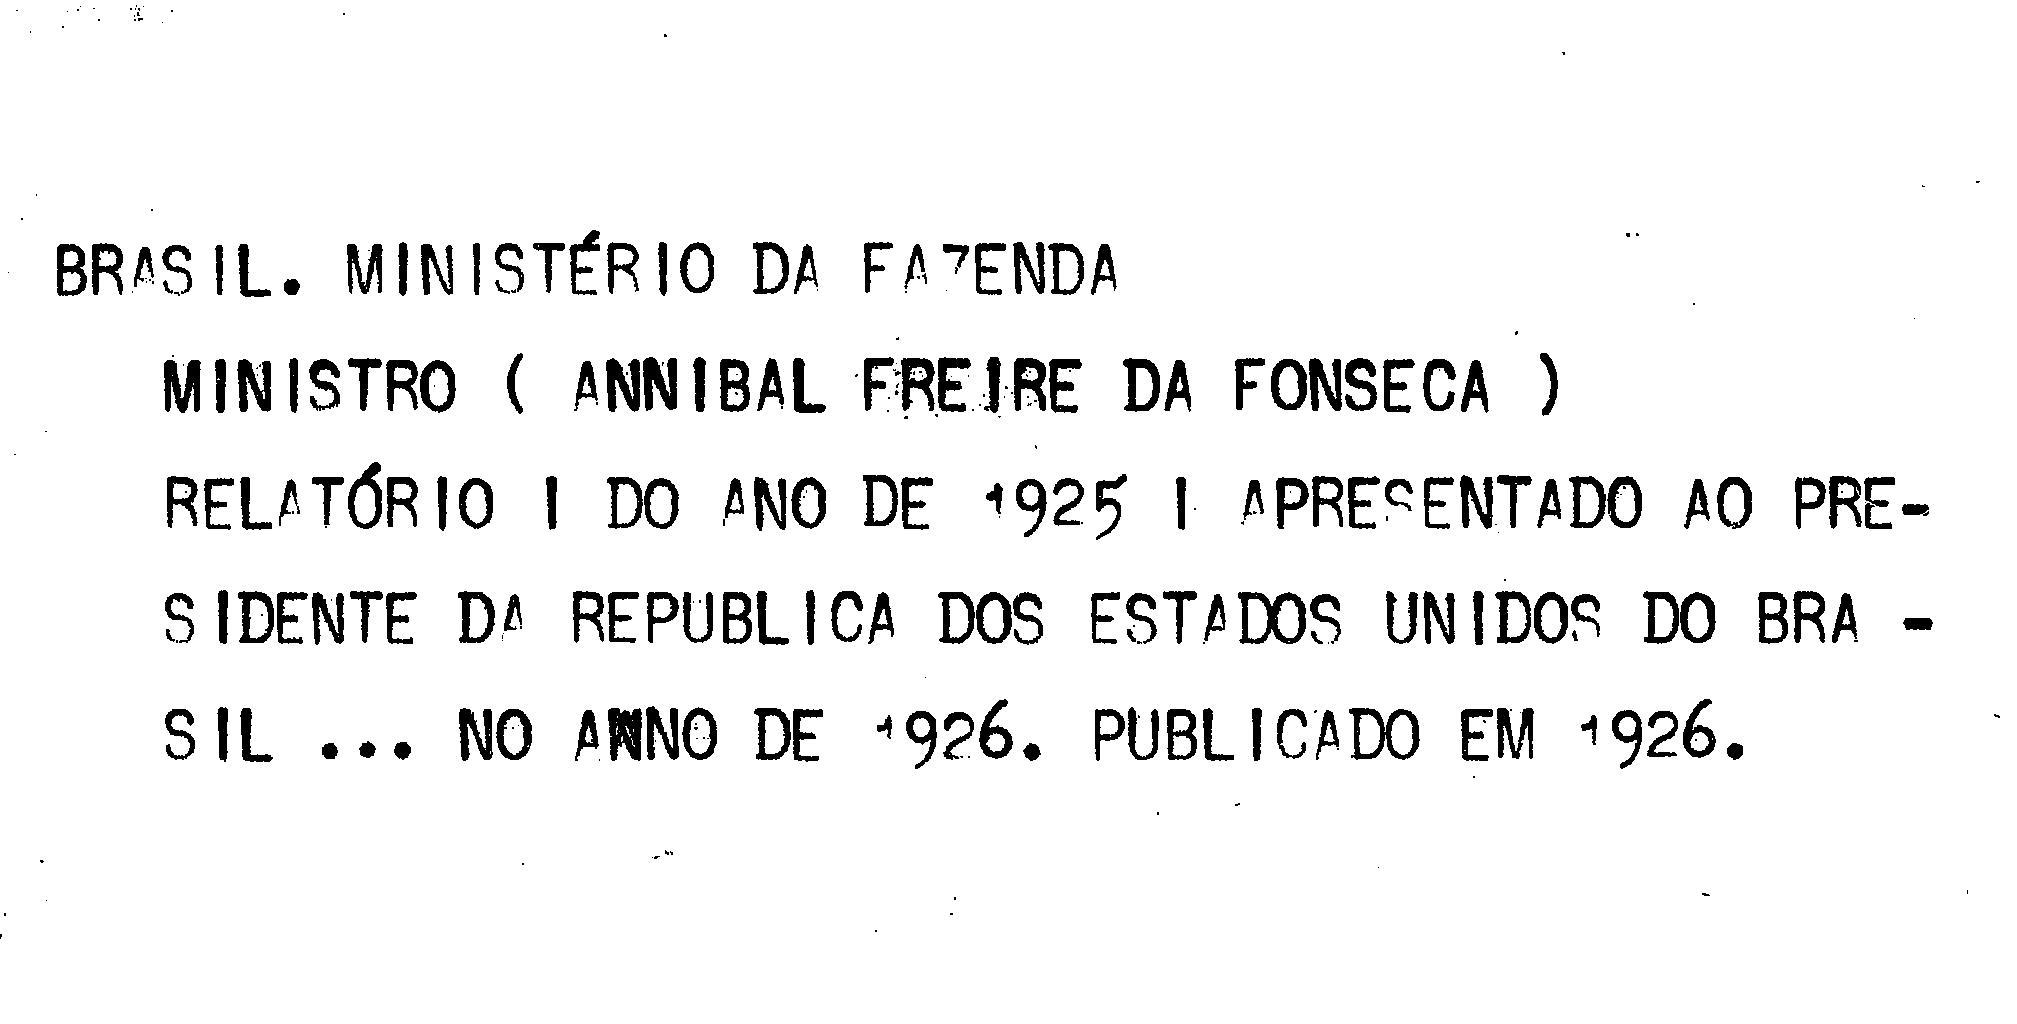 Ministerio da Fazenda - Relatório apresentado ao presidente da República dos Estados Unidos do Brazil pelo Ministro de Estado dos Negócios da Fazenda Annibal Freire da Fonseca no anno de 1926, 38o da República